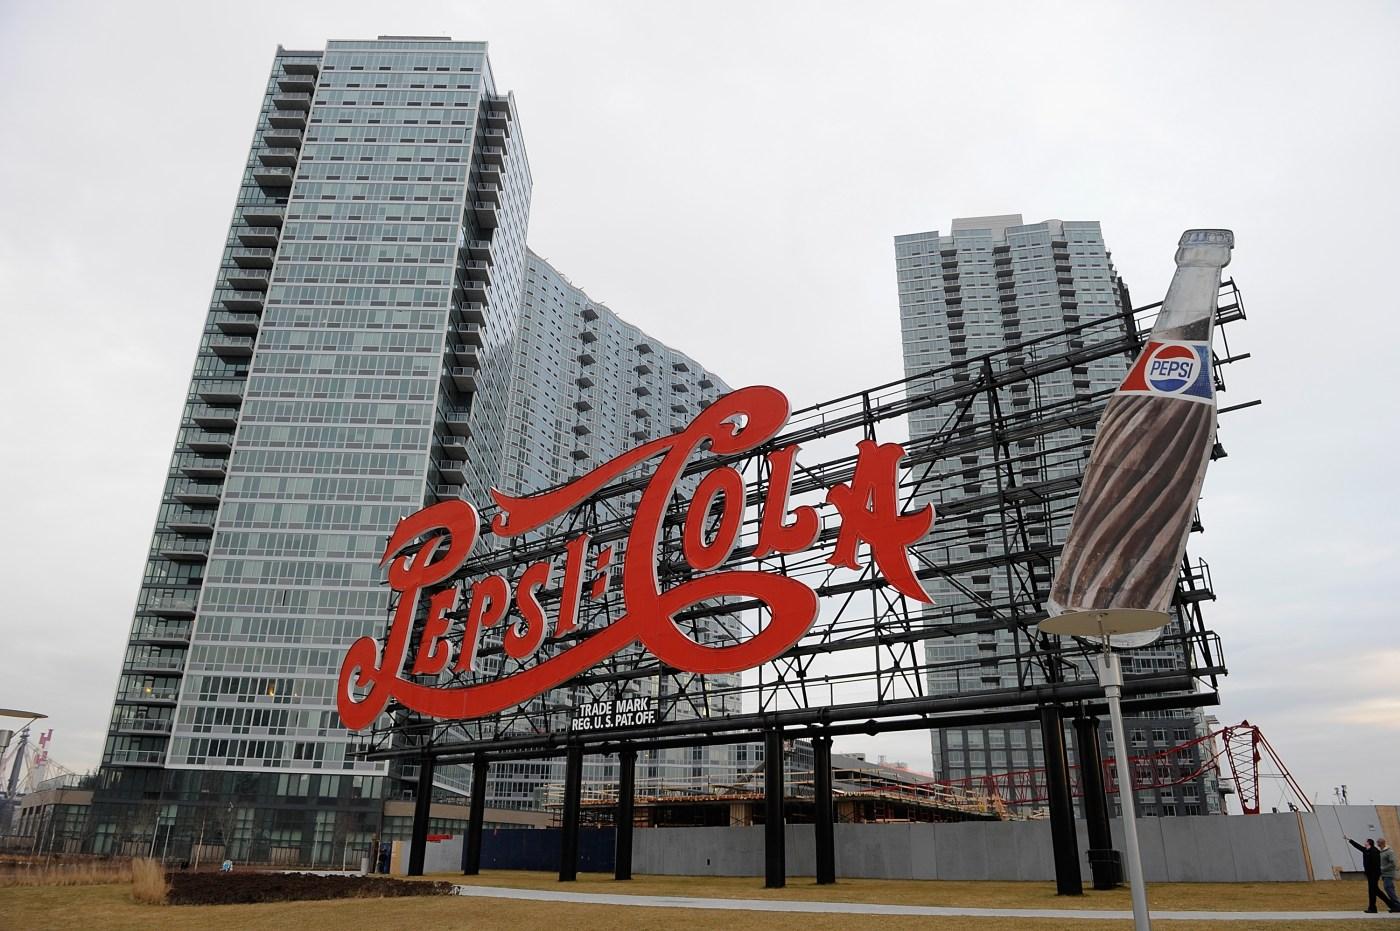 Explorando Long Island City: Onde Comer, Ver e Jogar - CBS New York